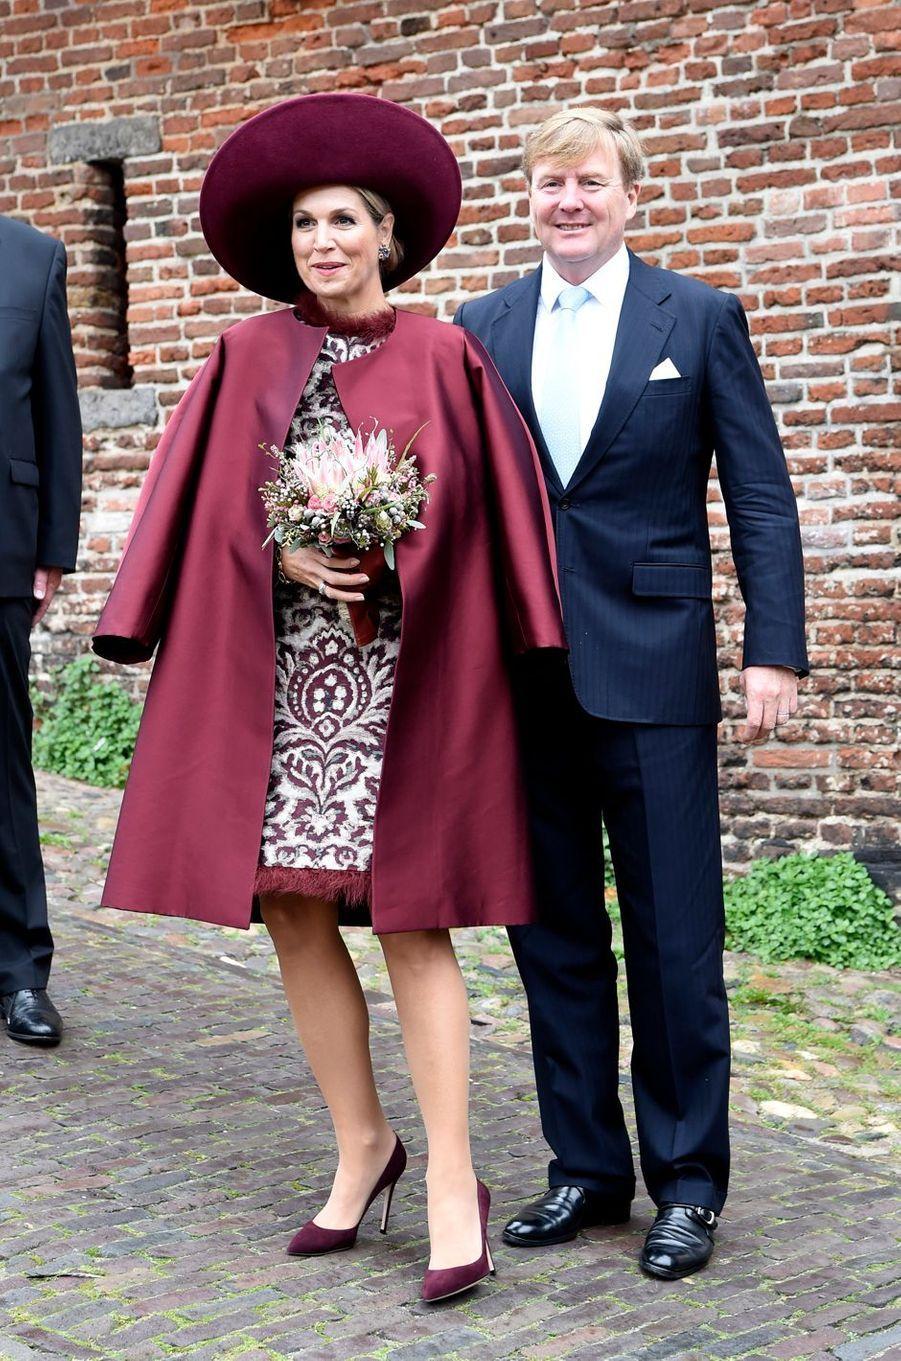 La reine Maxima et son époux le roi Willem-Alexander des Pays-Bas dans la région de l'Eemland, le 24 octobre 2017